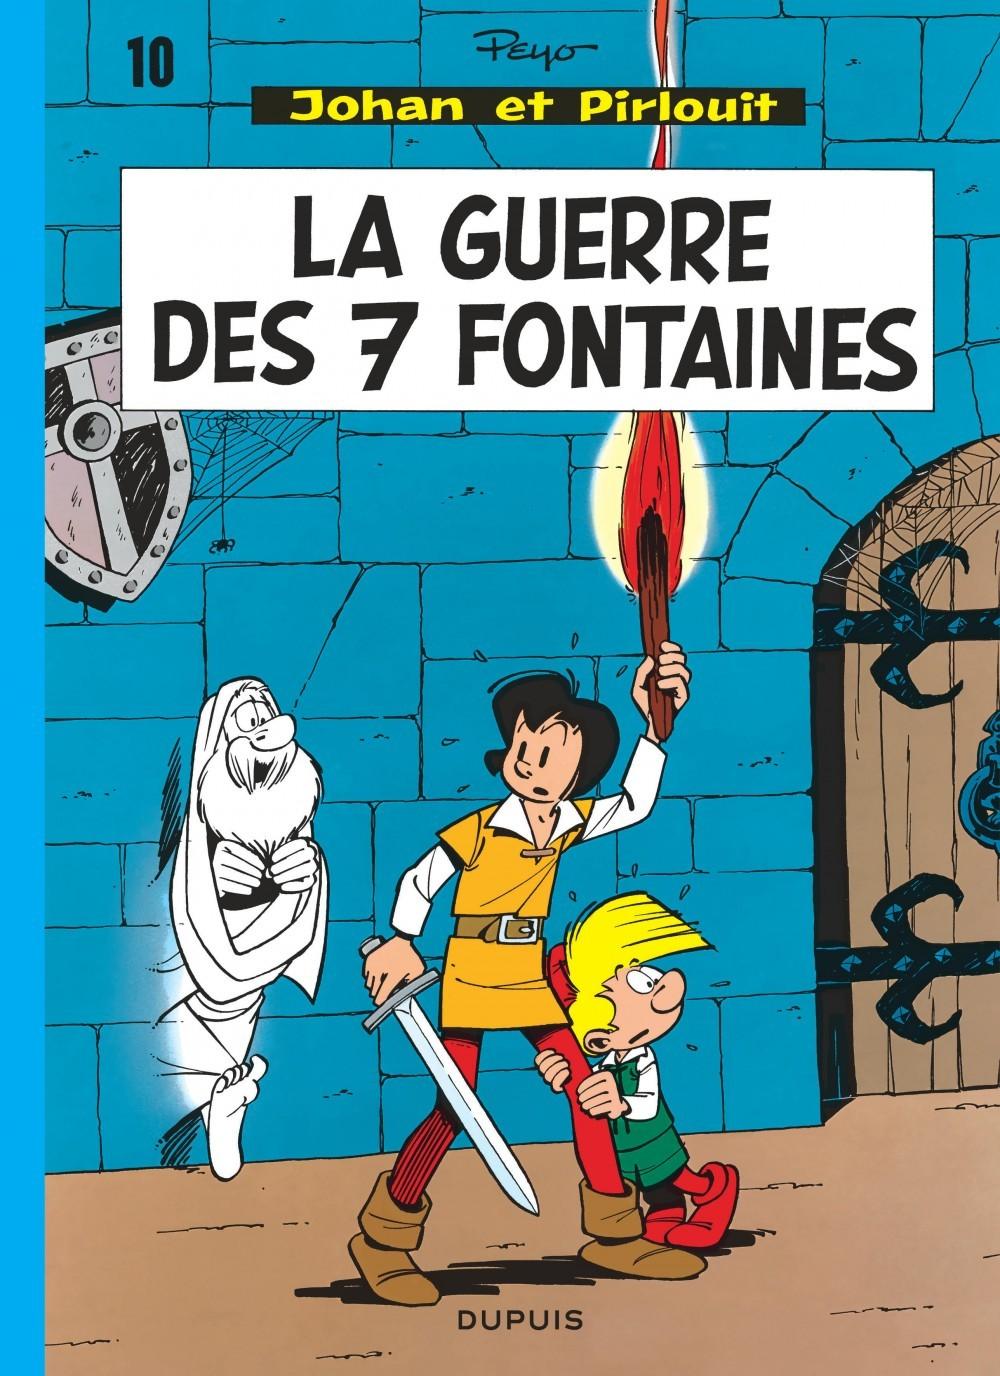 JOHAN ET PIRLOUIT (DUPUIS) - JOHAN ET PIRLOUIT - TOME 10 - LA GUERRE DES SEPT FONTAINES